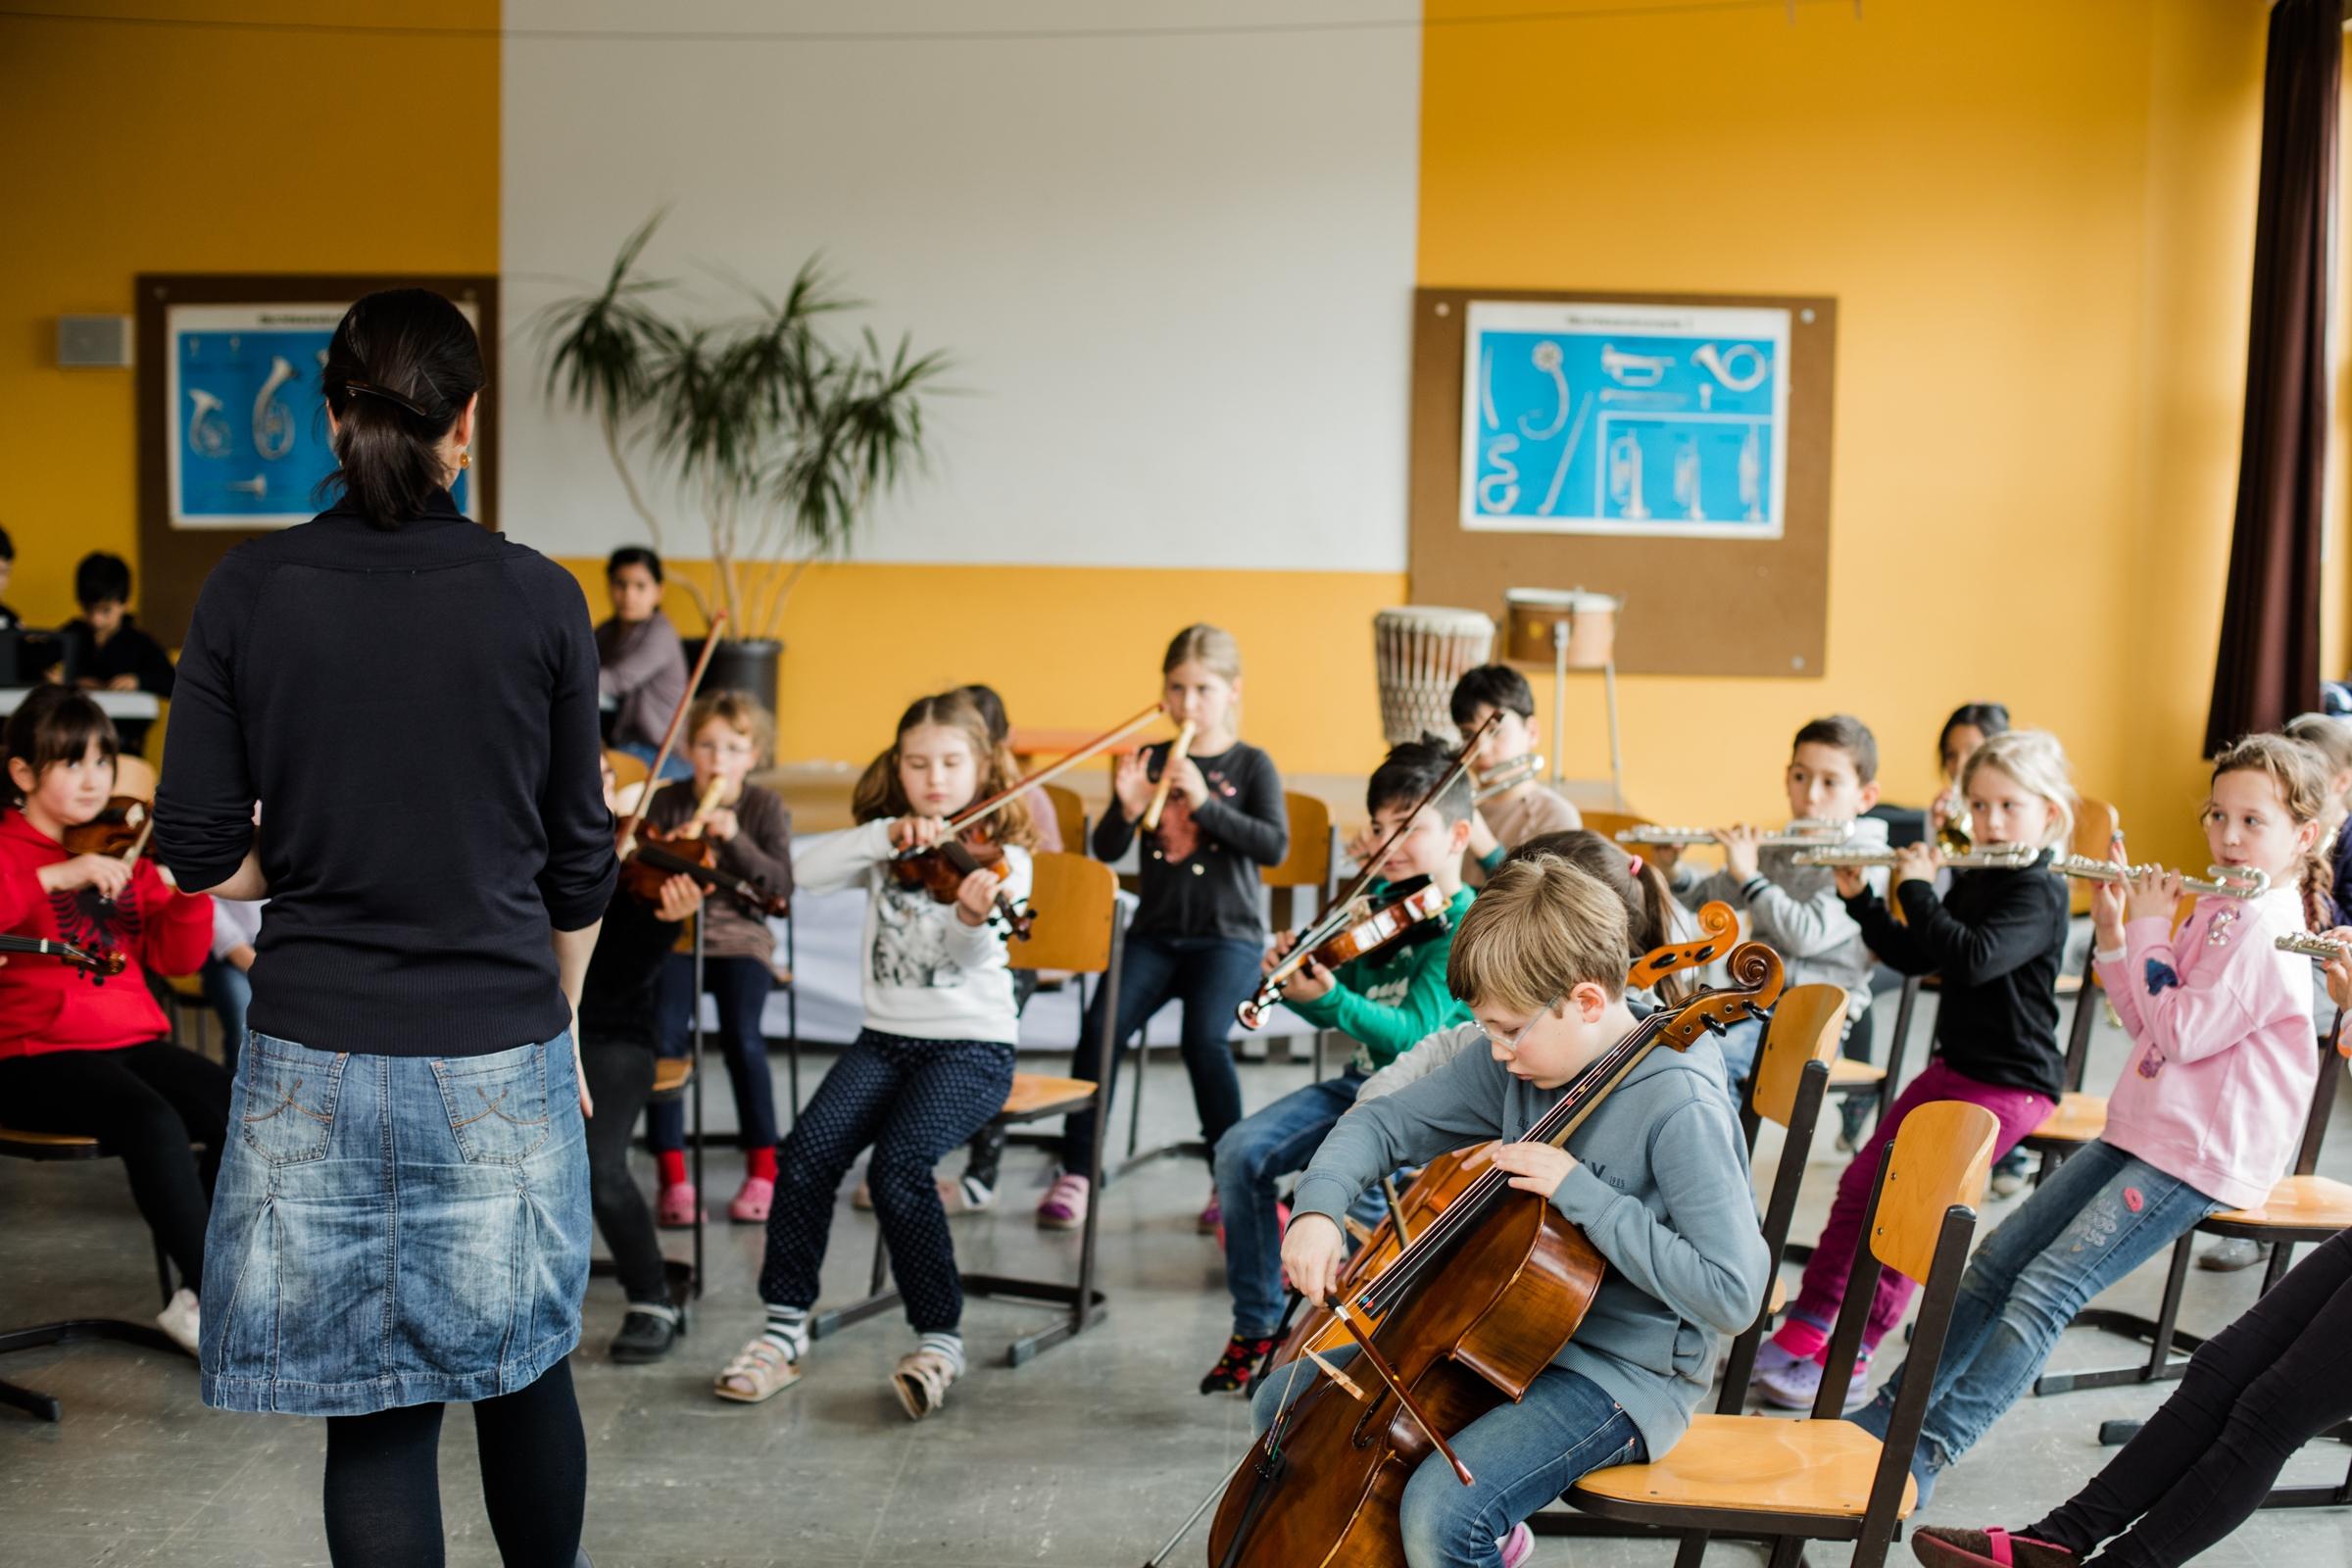 JeKits-Stiftung, Landesmusikakademie NRW Heek